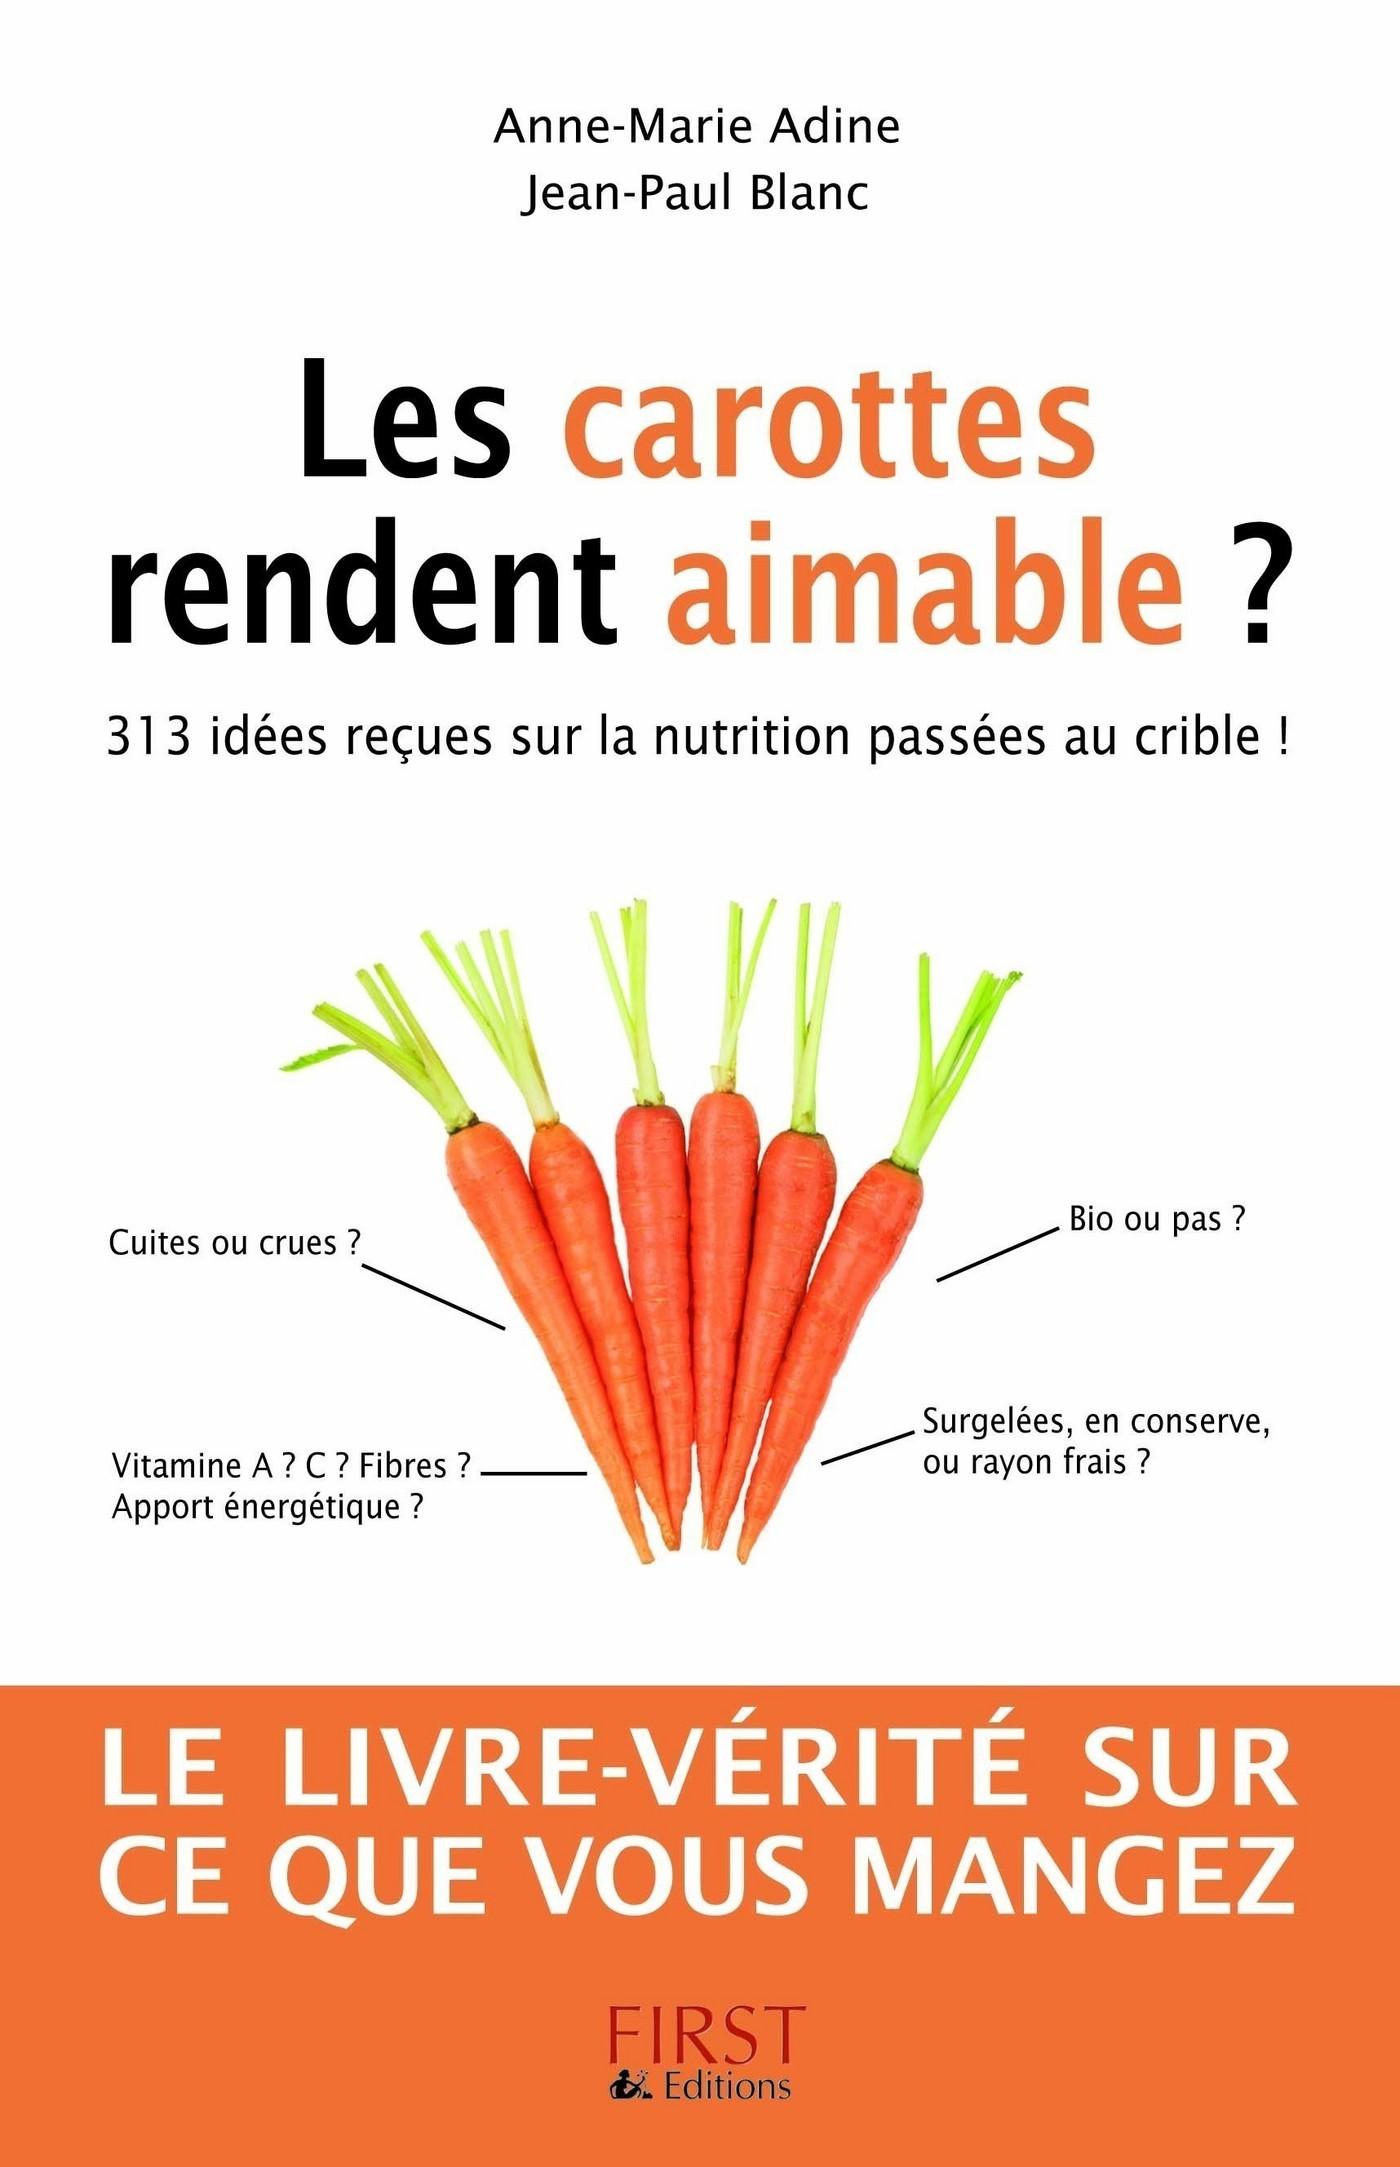 Les carottes rendent aimable ? 313 idées reçues sur la nutrition (ebook)